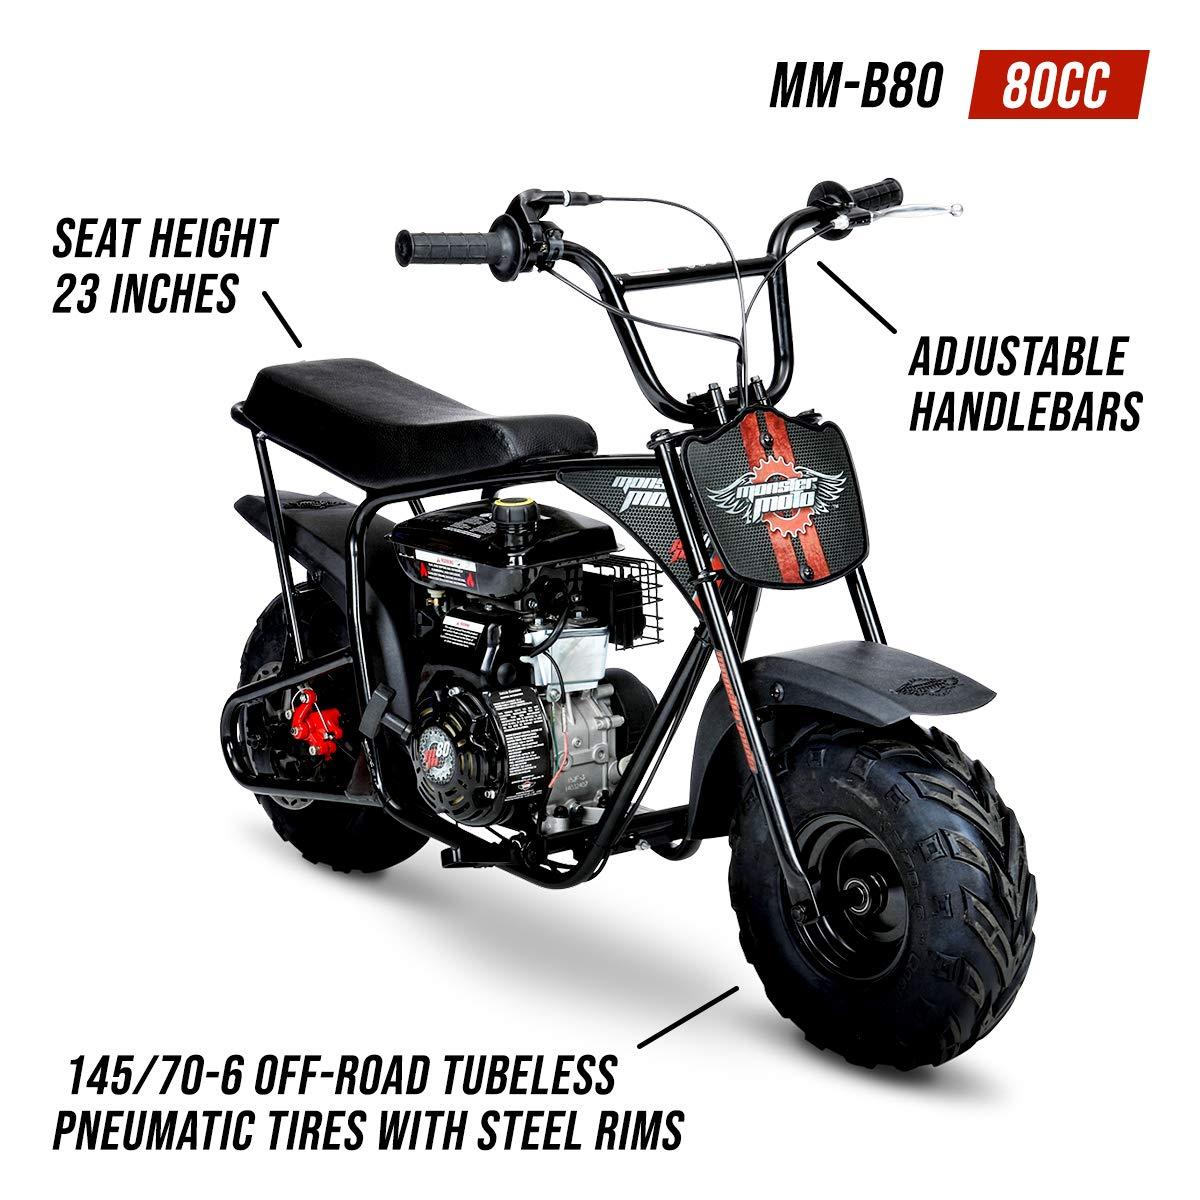 GOOFIT Recoil Pull Starter for Baja Mini Bike MB200 Baja Warrior Heat